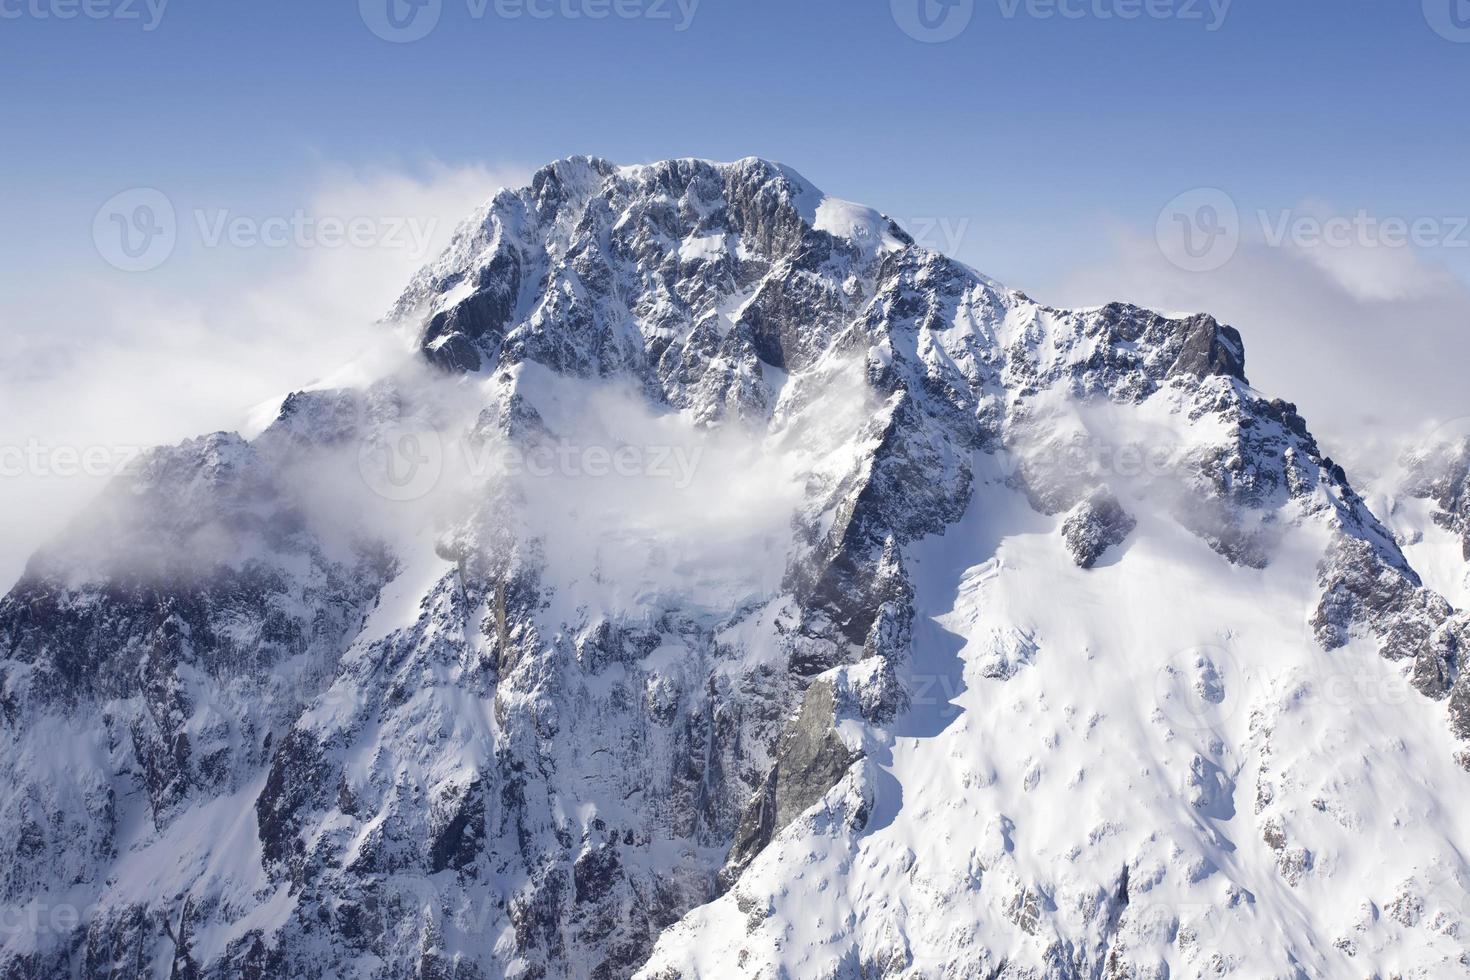 Luftbild des schneebedeckten Berges, Neuseeland foto